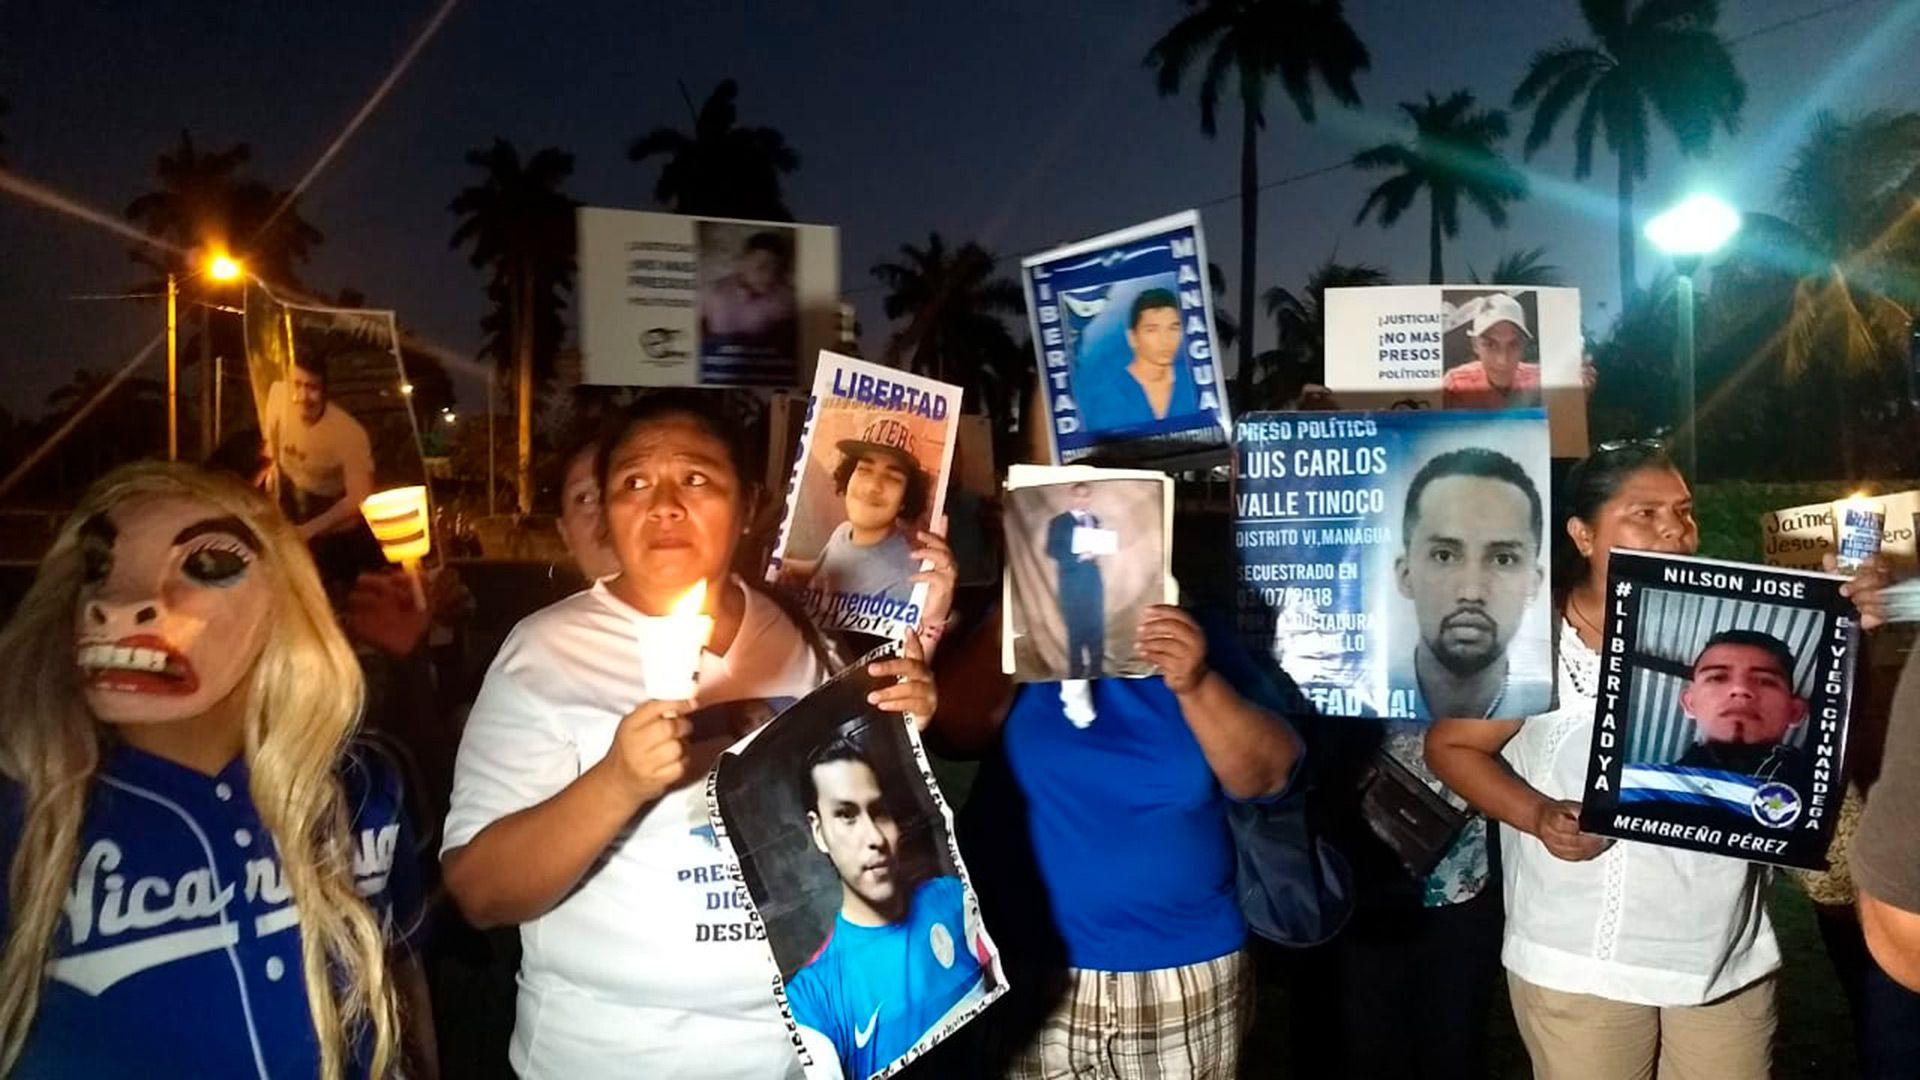 Los familiares han realizado huelgas y apariciones relámpago para demandar la liberación de los presos políticos. Se sienten solos en esa lucha que antes convocaba a toda la oposición en Nicaragua. (Cortesía La Prensa)